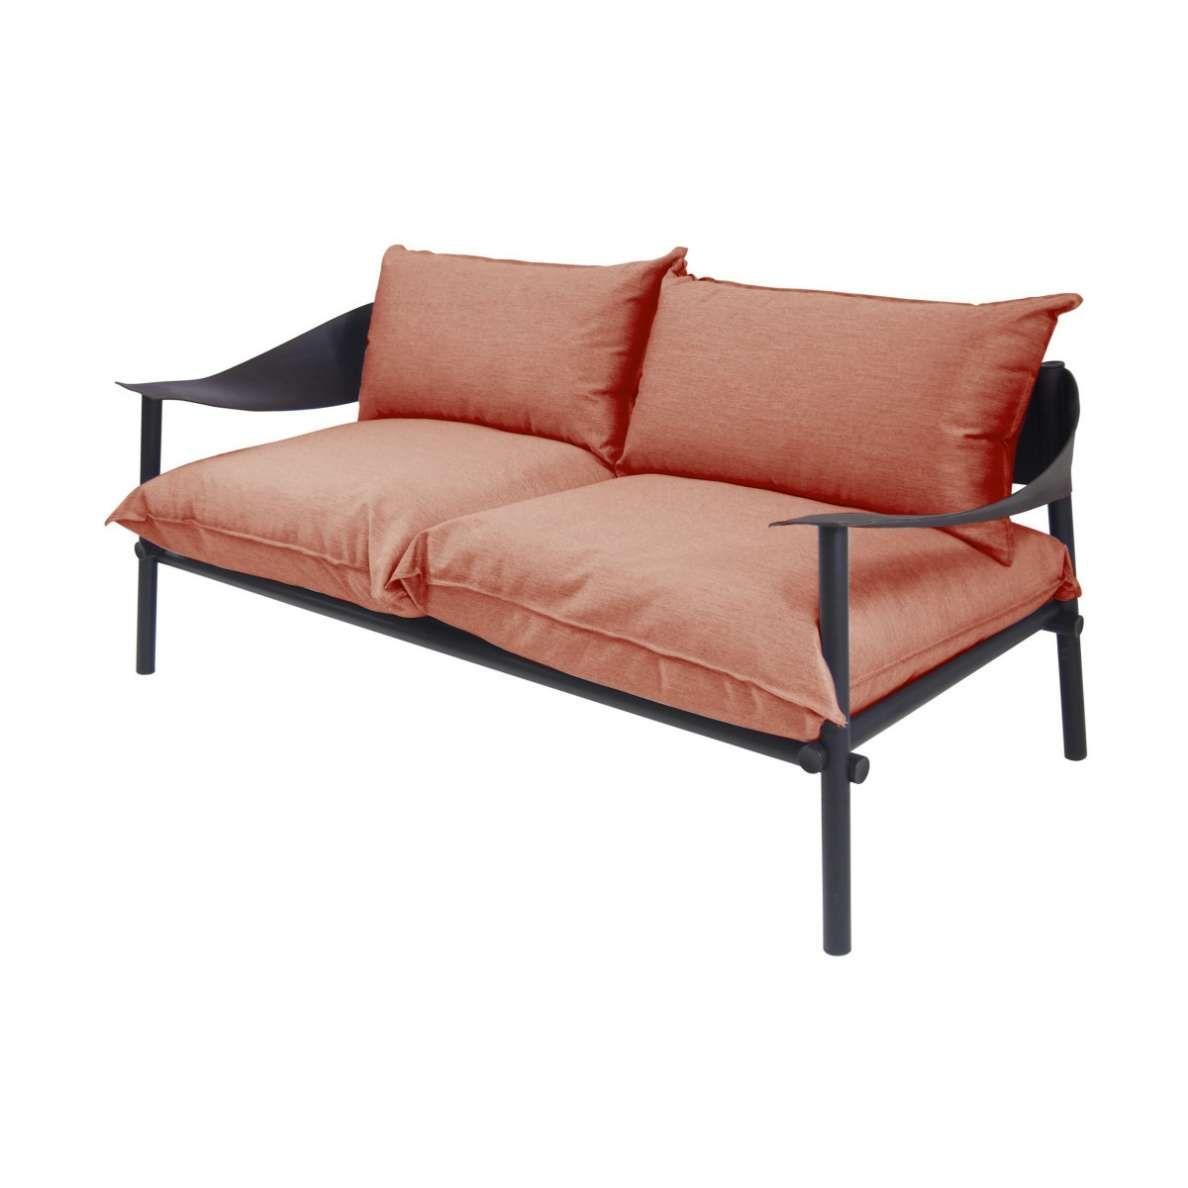 Full Size of 2 Sitzer Sofa Mit Schlaffunktion Modernes Bett 180x200 Eiche Massiv 2er Grau Big L Form Schreibtisch Regal Xxxl Esstisch Bank Rahaus Schubladen Ikea Sofa 2 Sitzer Sofa Mit Schlaffunktion